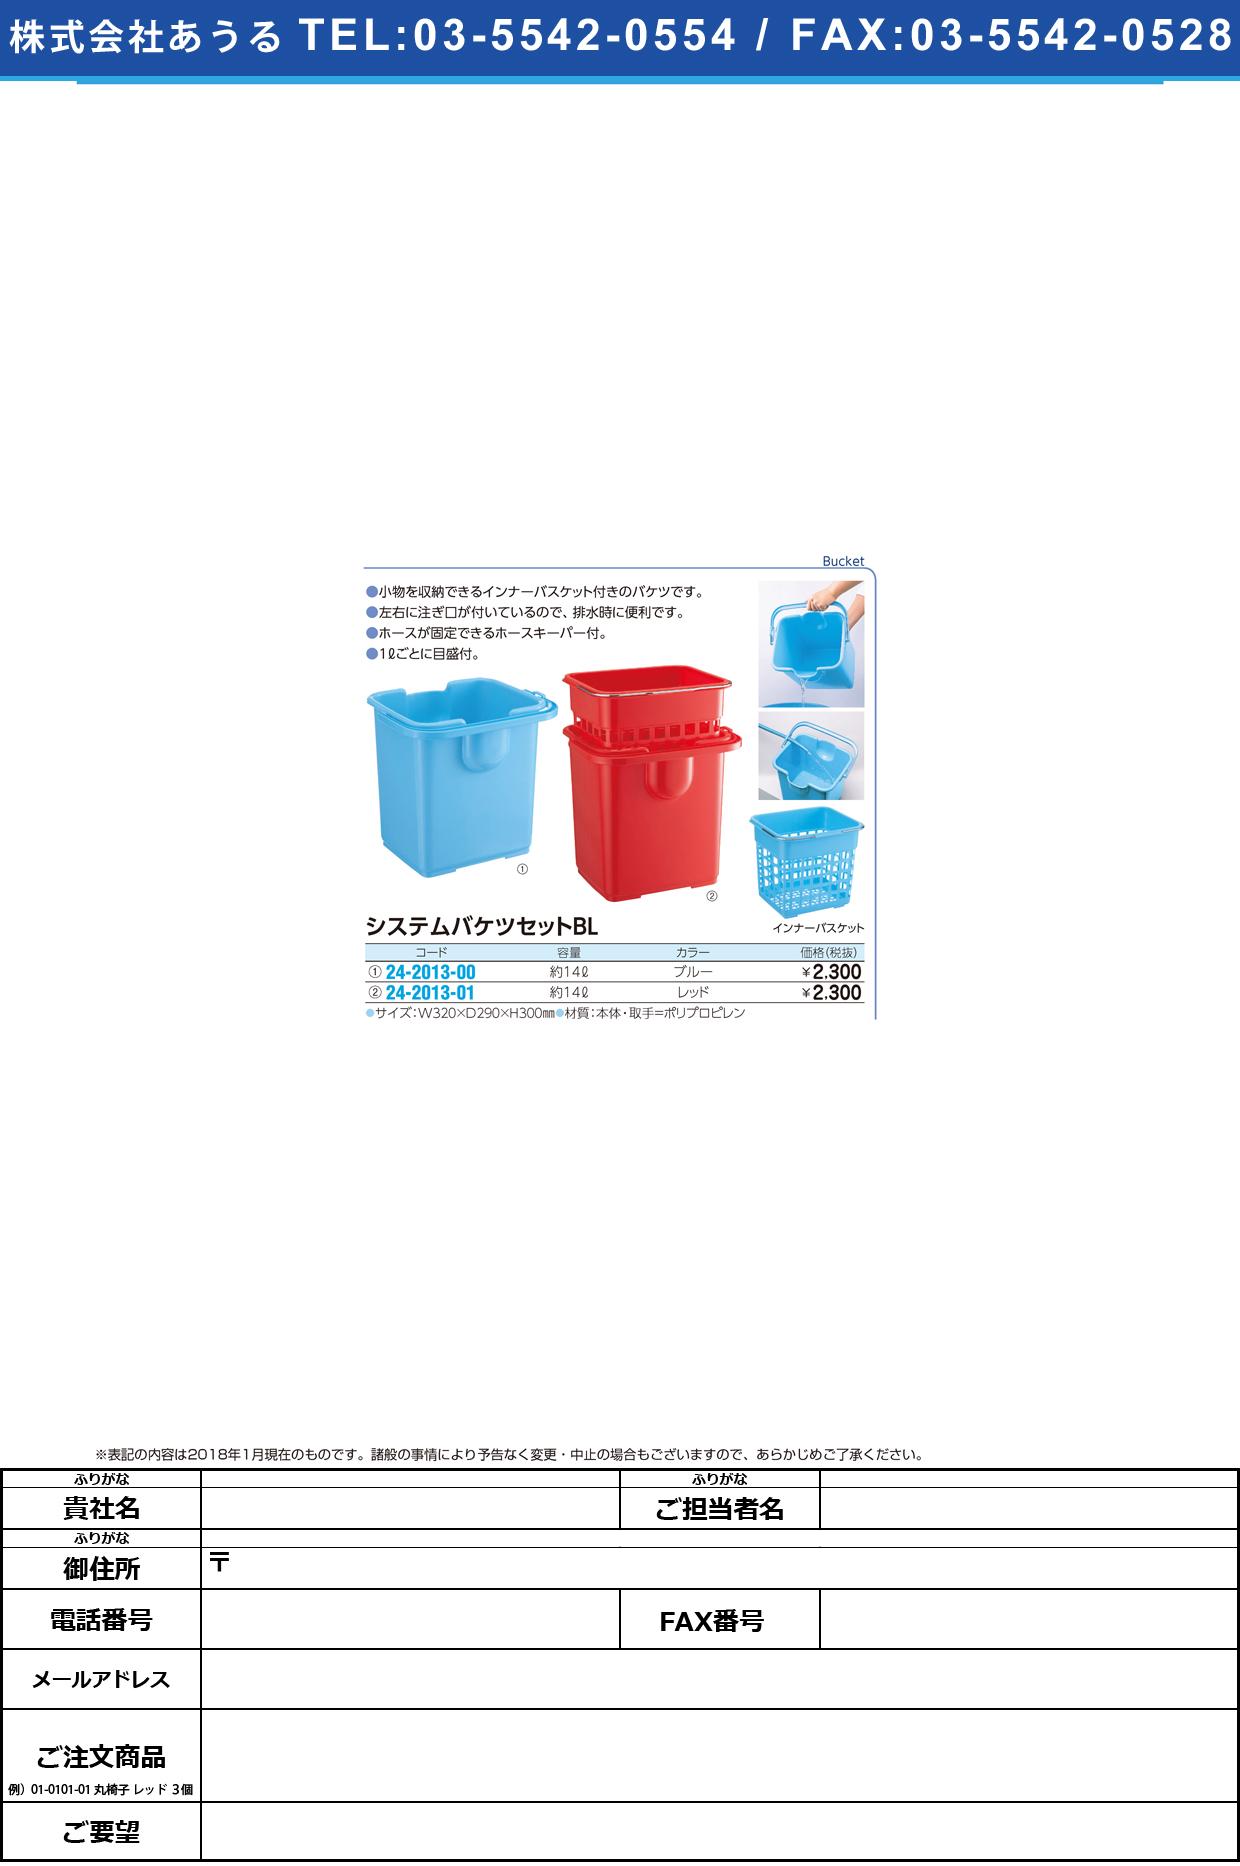 (24-2013-01)システムバケツセットR CL685-000X-MB(14L) システムバケツセットR(山崎産業)【1組単位】【2018年カタログ商品】